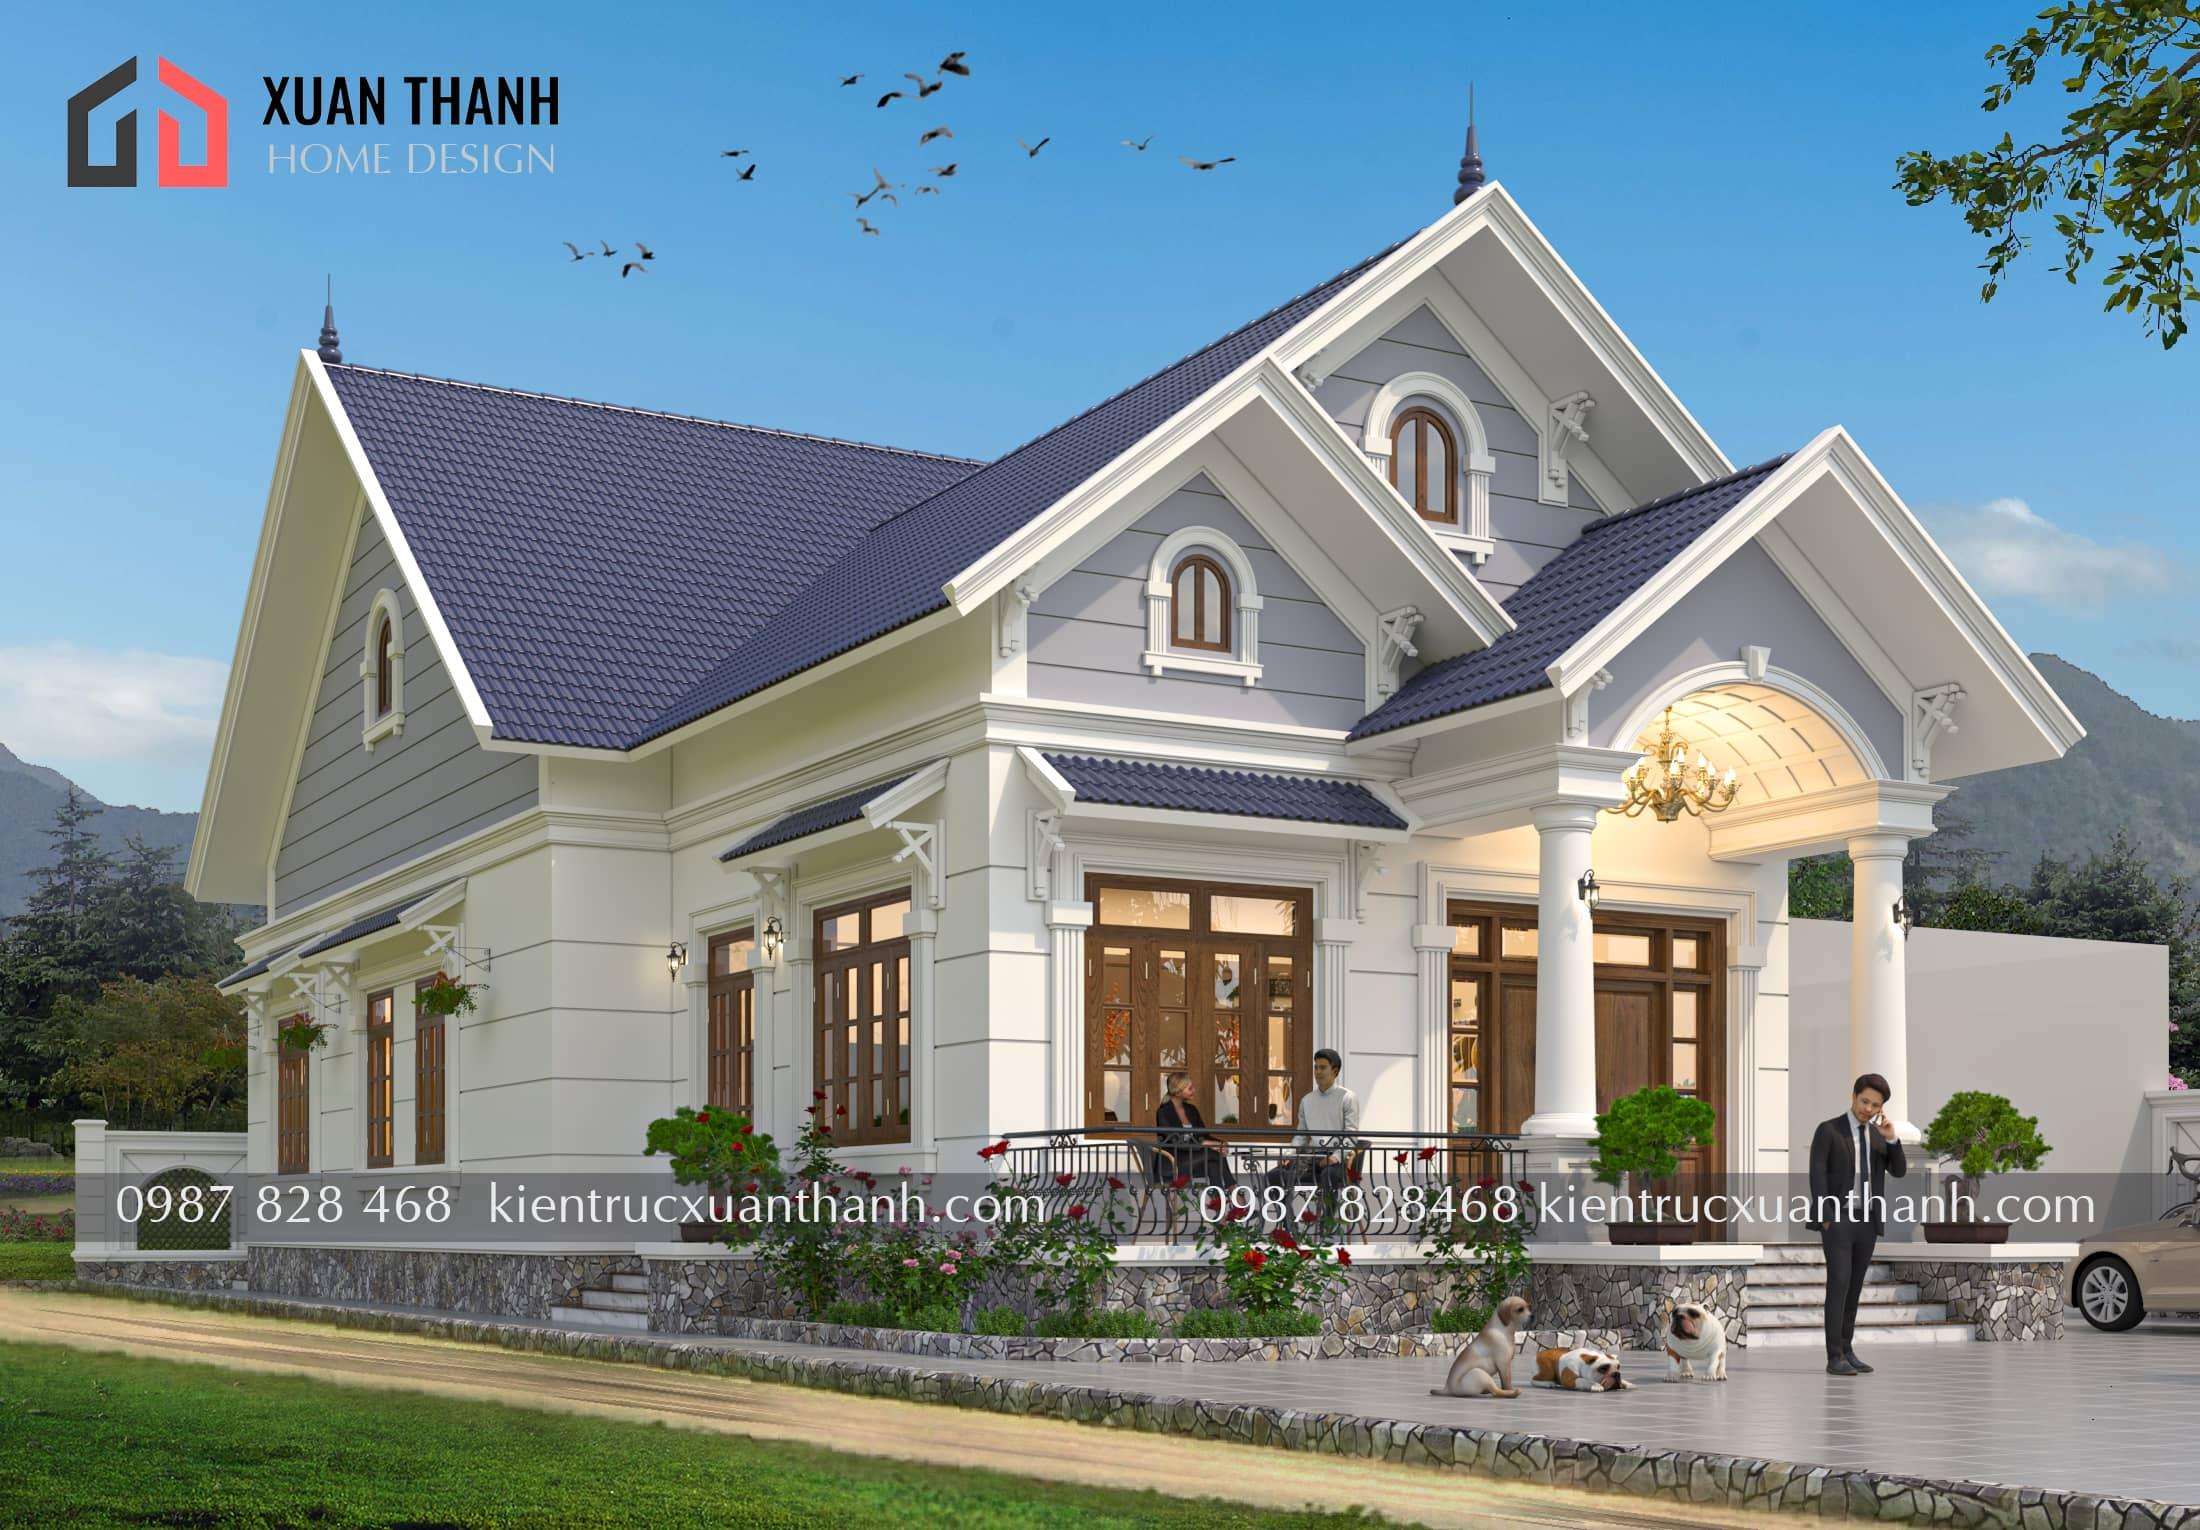 nhà 1 tầng mái thái đơn giản BT18322 - Ảnh 1